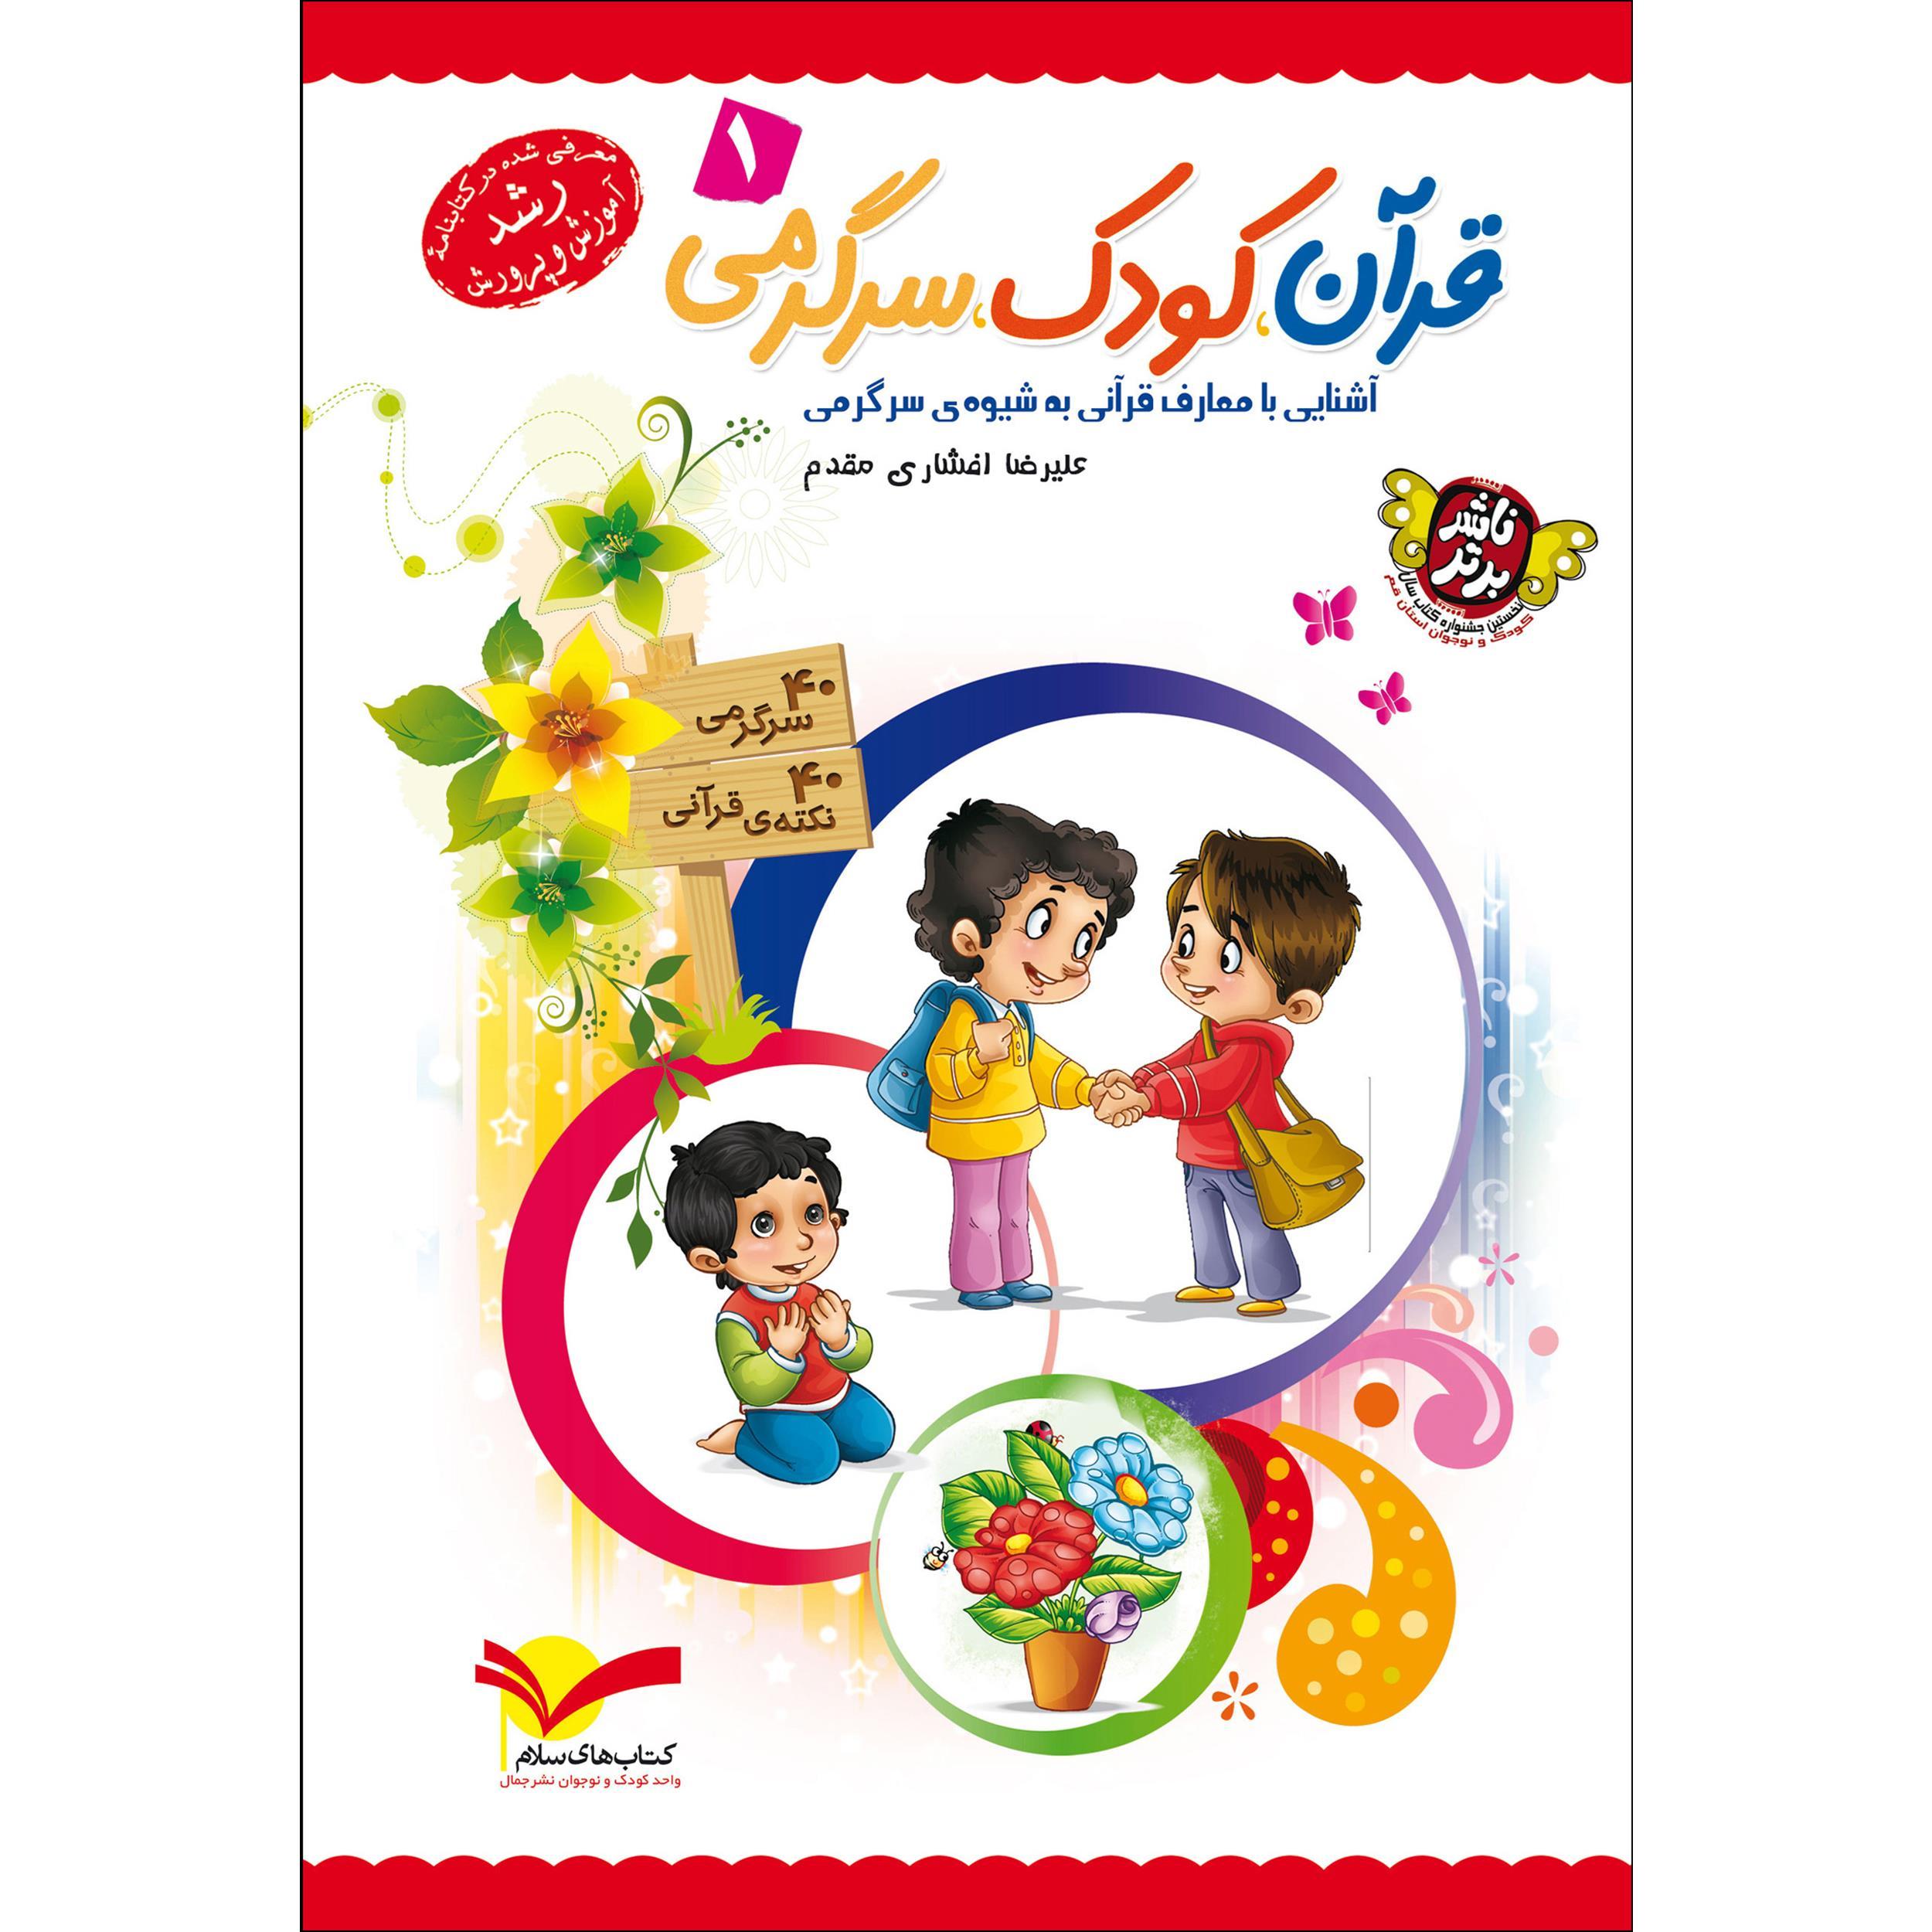 کتاب قرآن کودک سرگرمی 1 اثر علیرضا افشاری مقدم نشر جمال